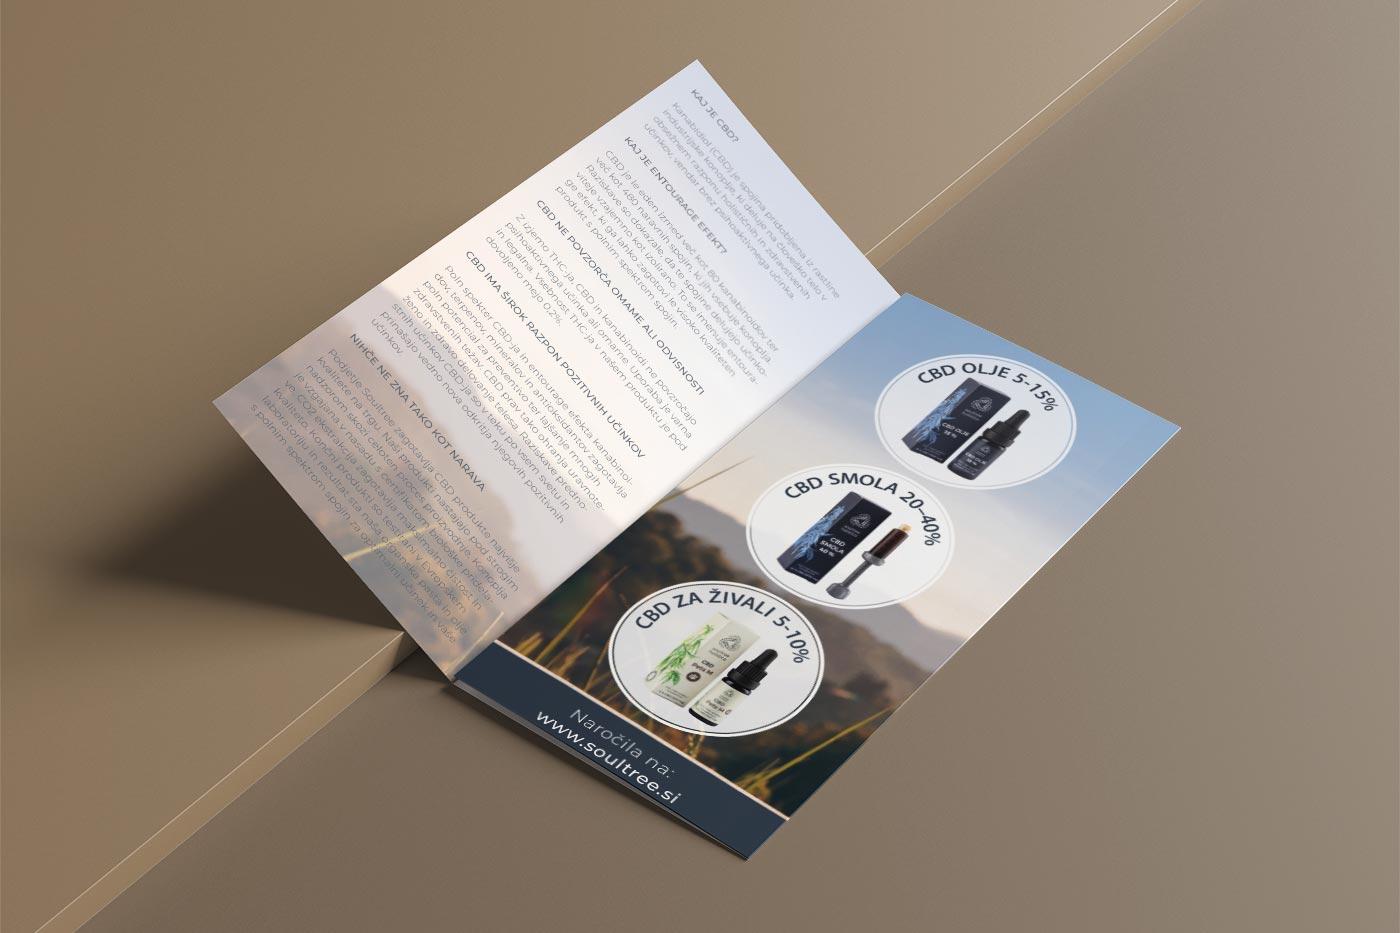 Grafično oblikovanje zgibanke z informacijami o CBD izdelkih